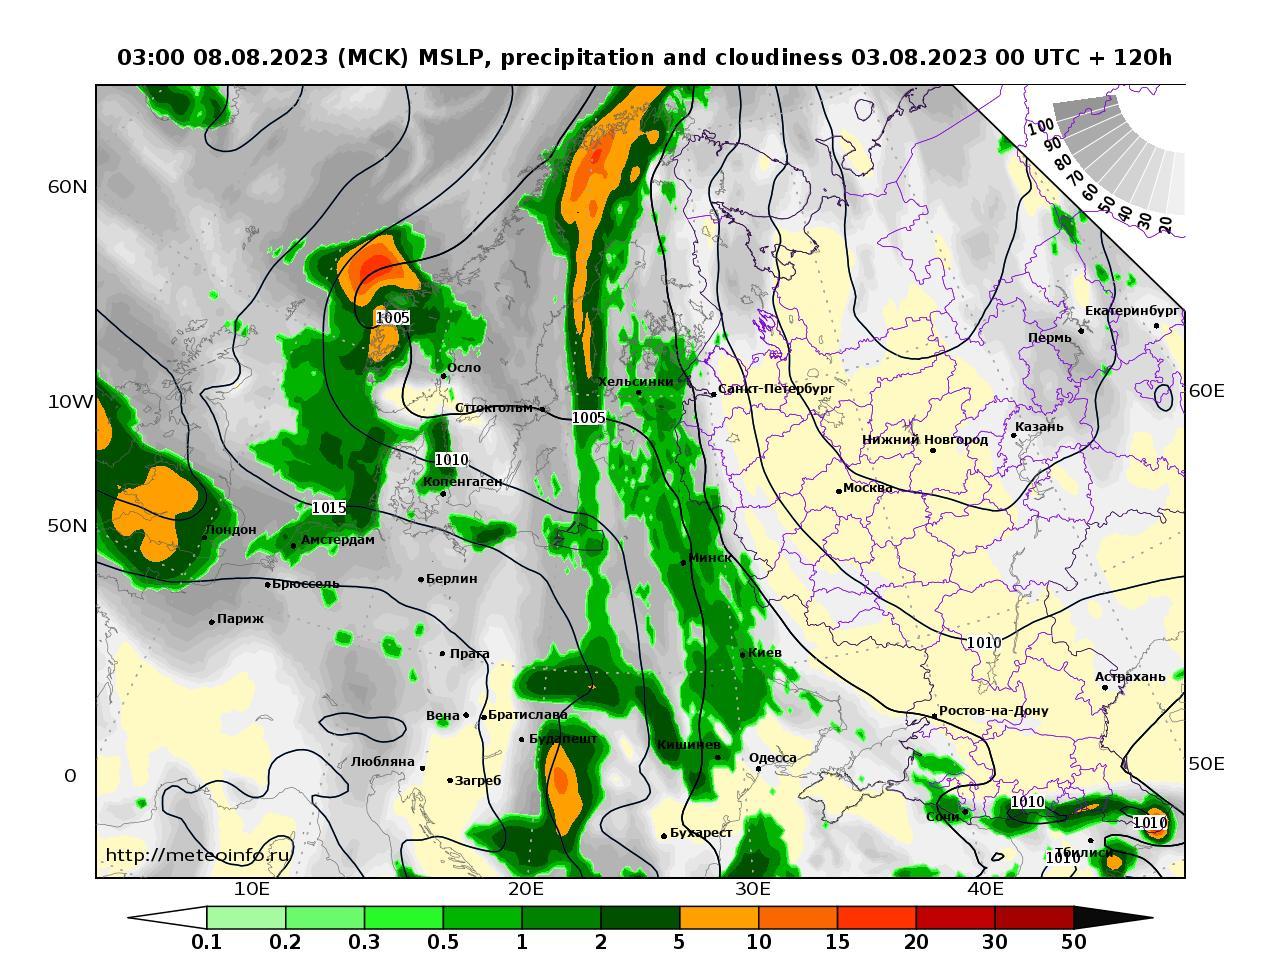 Европейская территория России, прогностическая карта осадки и давление, заблаговременность прогноза 120 часов